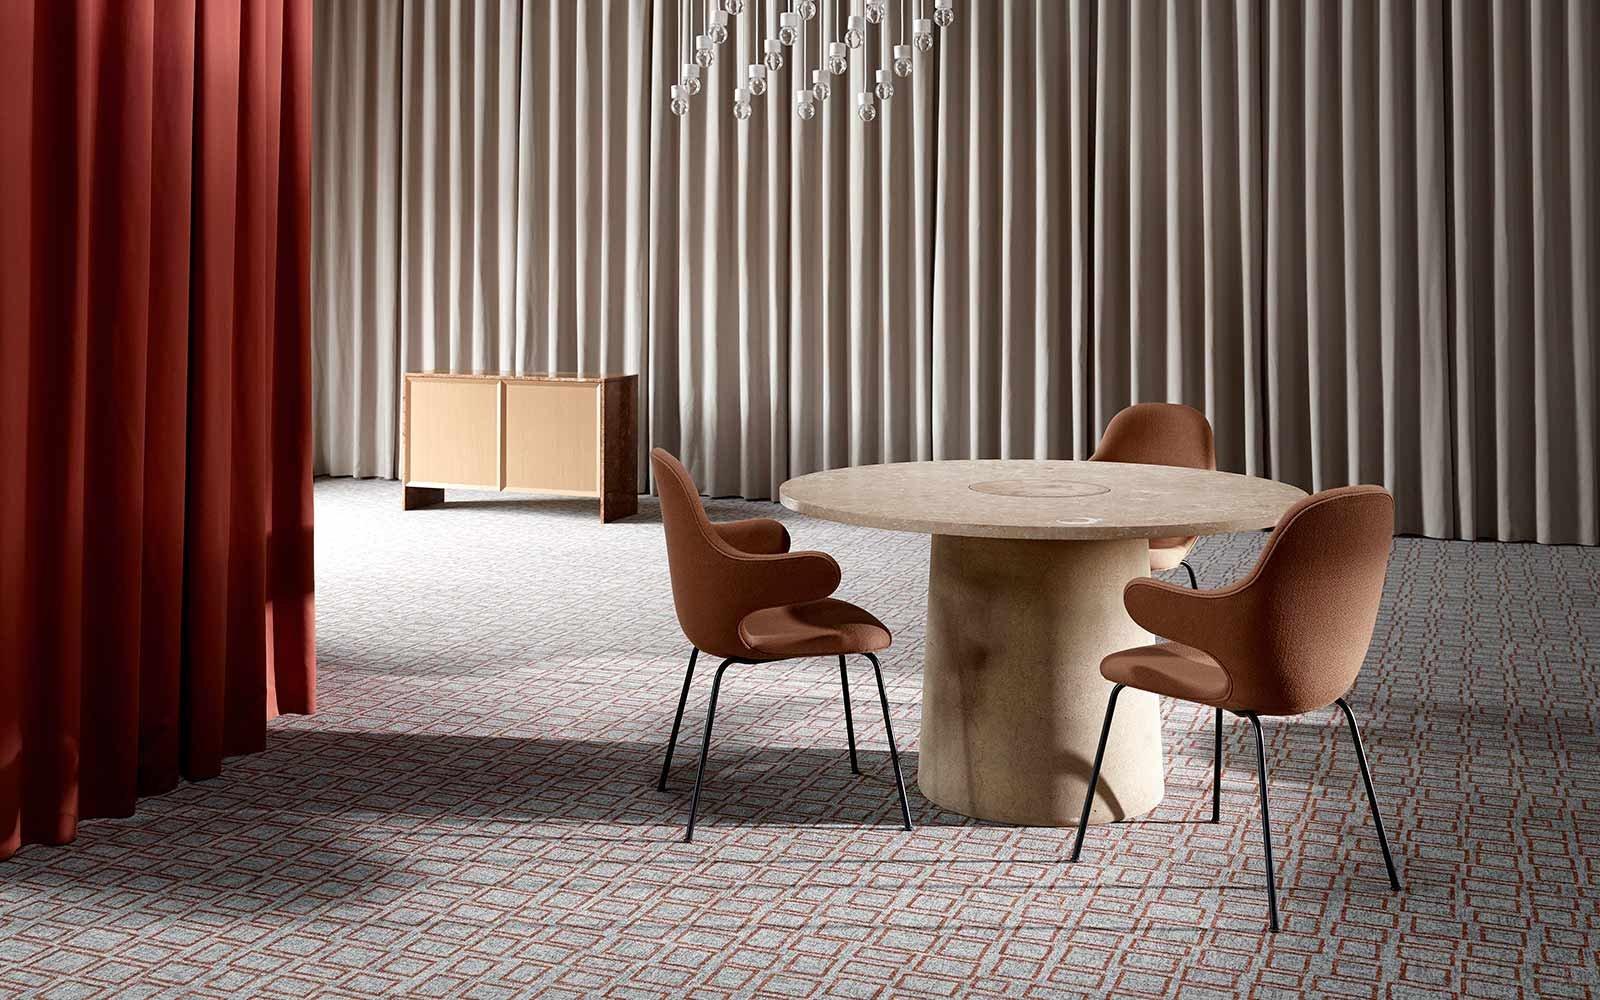 Raum mit Teppich in warmen Rot-, Terrakotta-, Braun- und Violetttönen